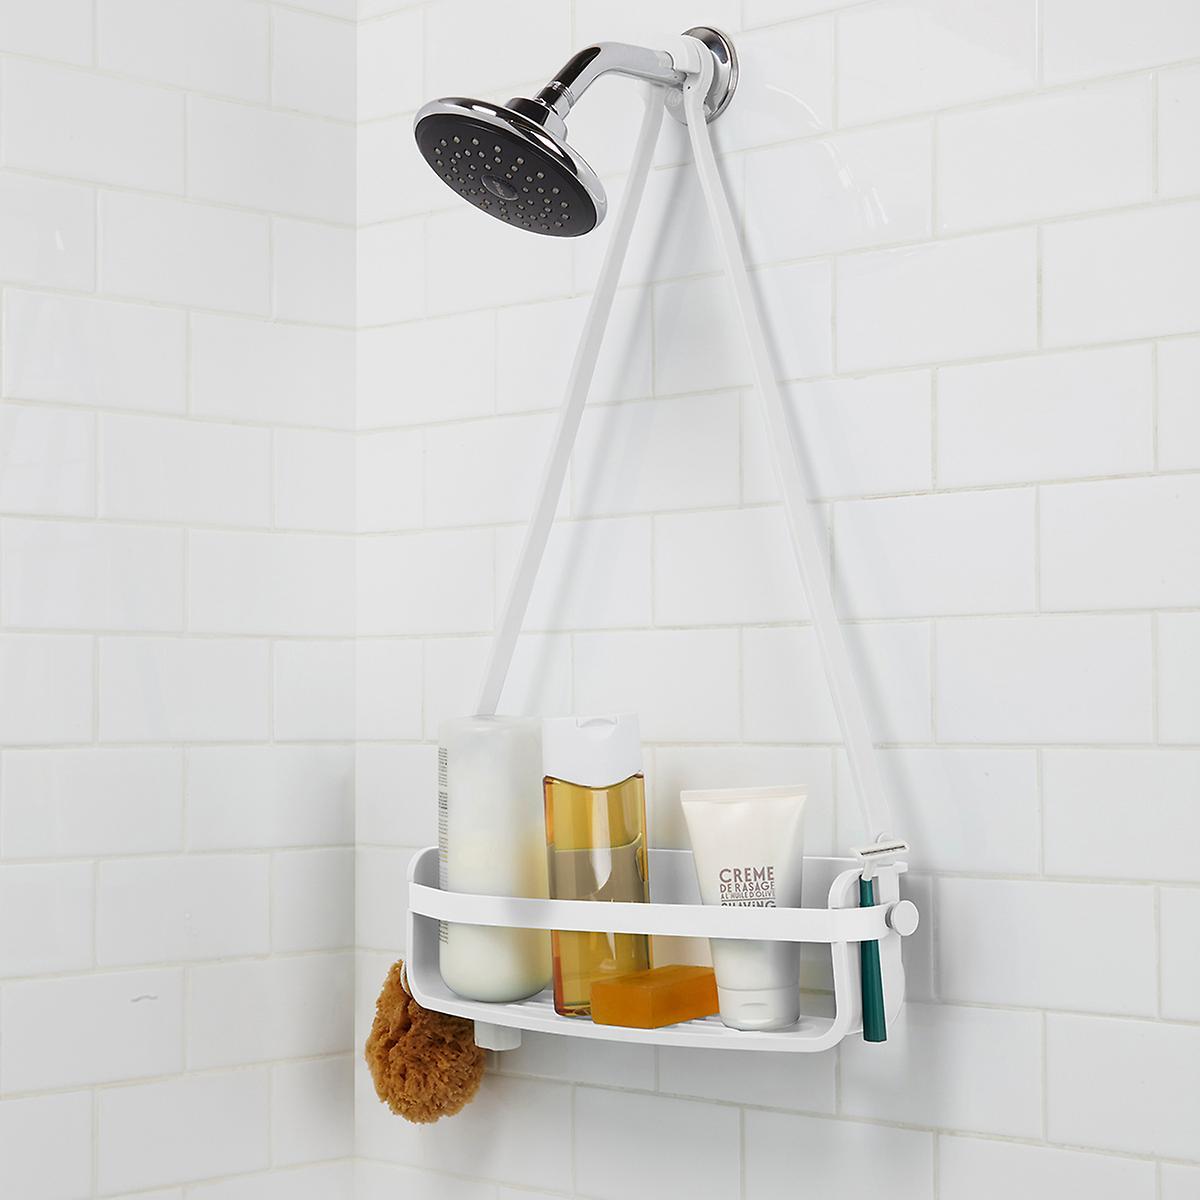 Umbra Flex Single Shelf Caddy | The Container Store